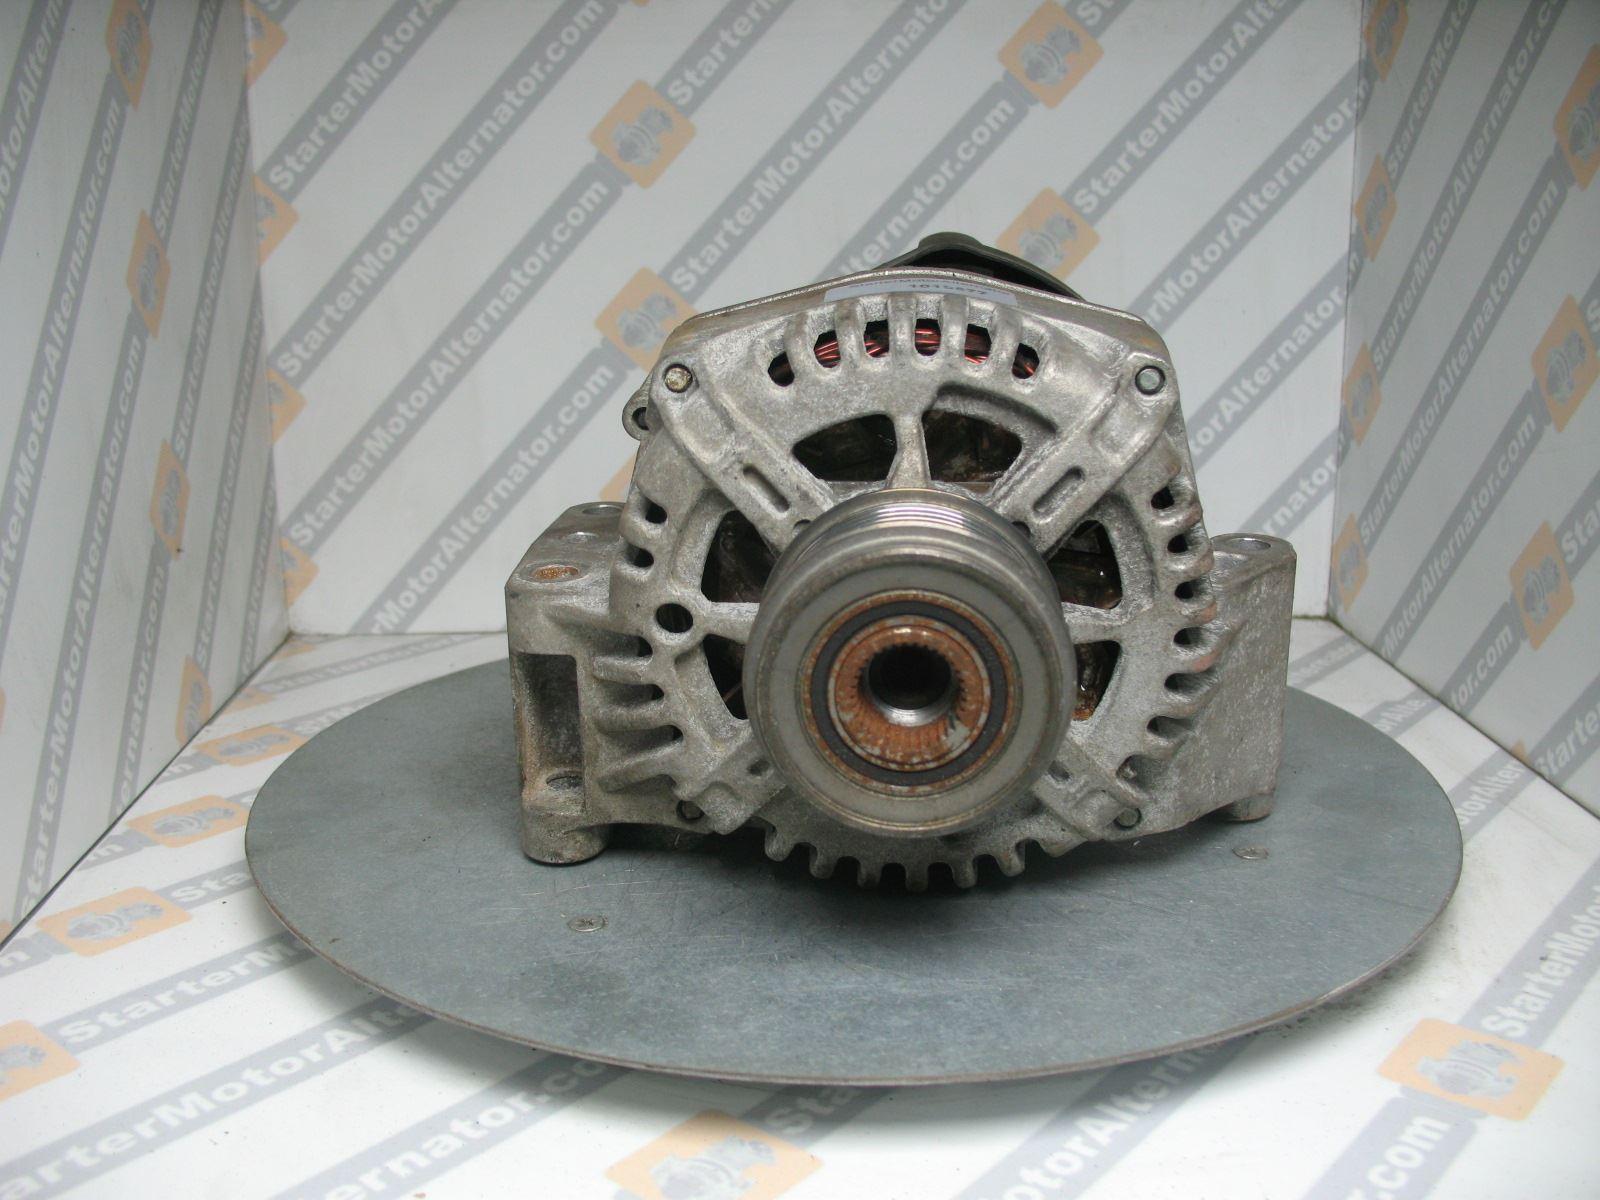 XIK2804 Alternator For Alfa Romeo / Fiat / Ford / Opel / Suzuki / Vauxhall